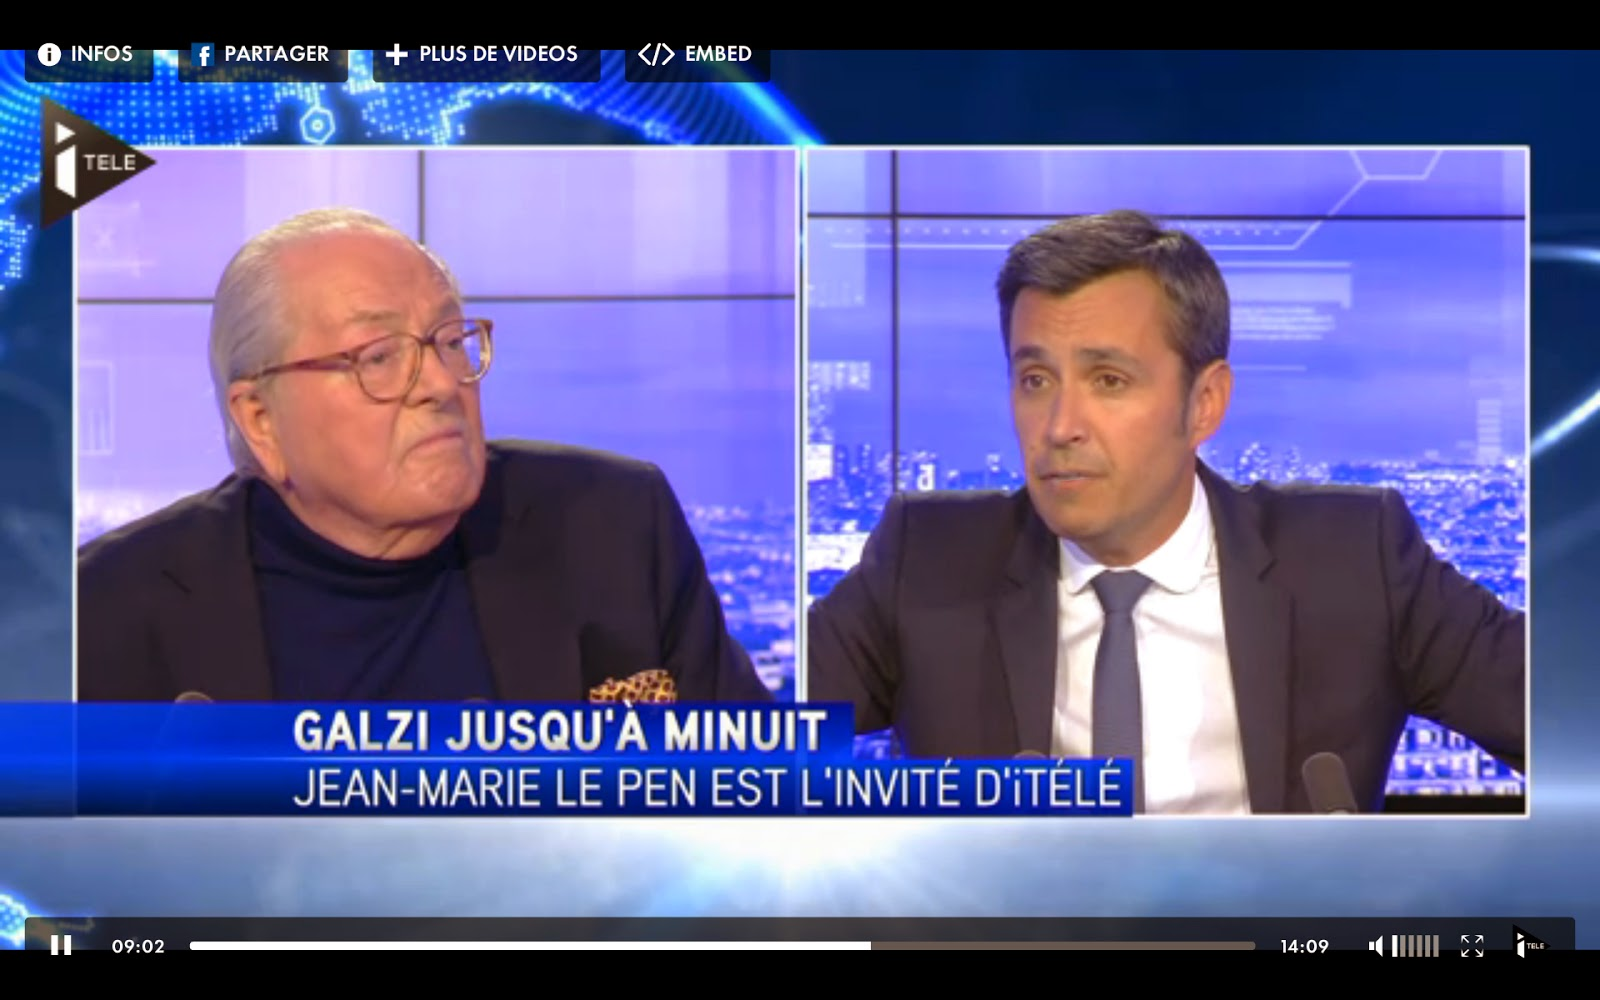 Jean-Marie Le Pen sur I>Télé avec olivier Galzi